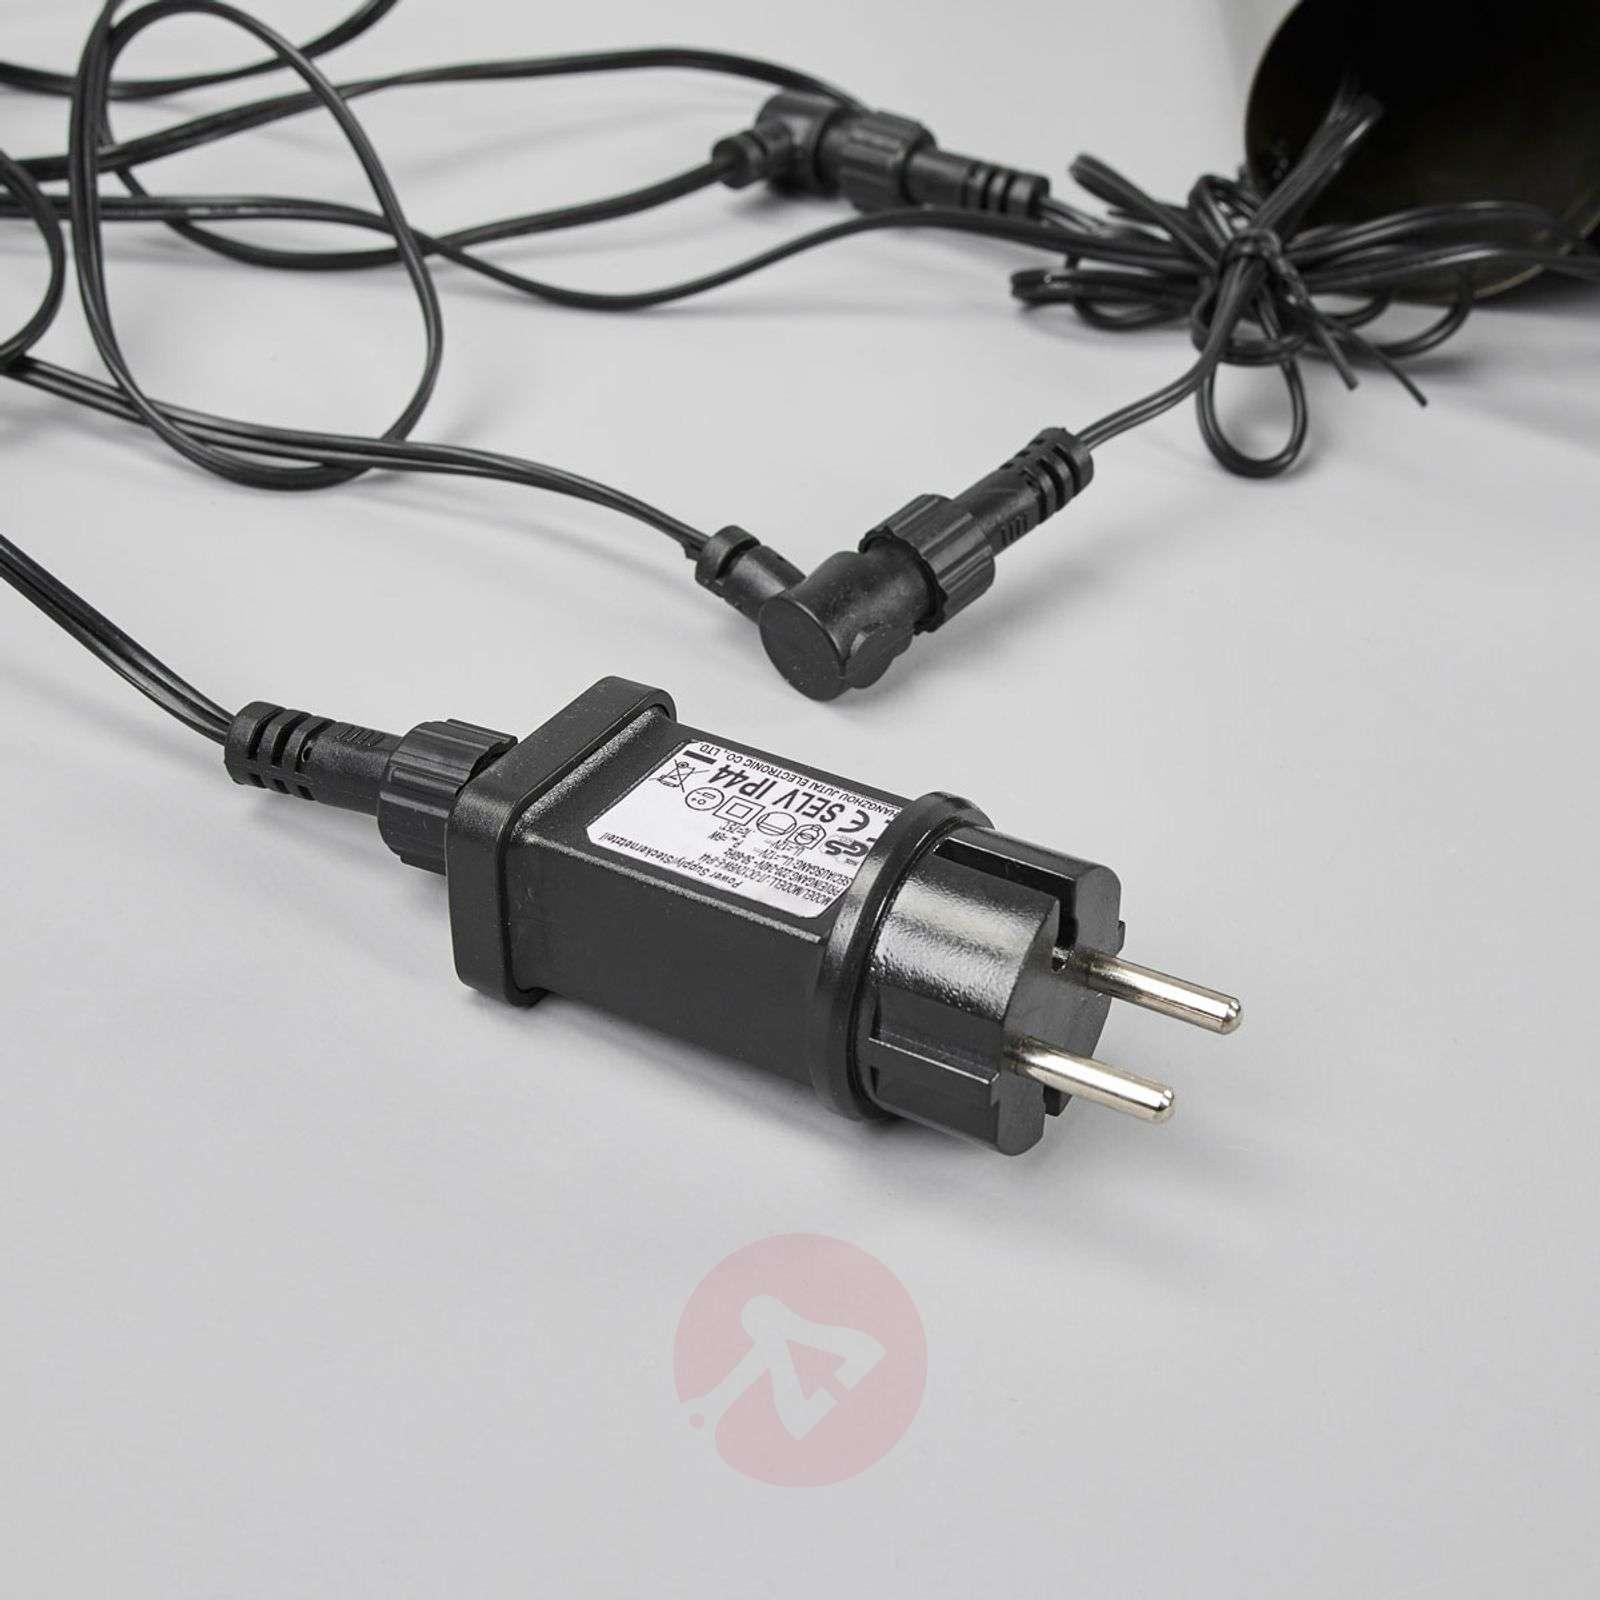 LED-maapiikkivalaisin Agathe 3kpl:n pakkaus-9988167-01